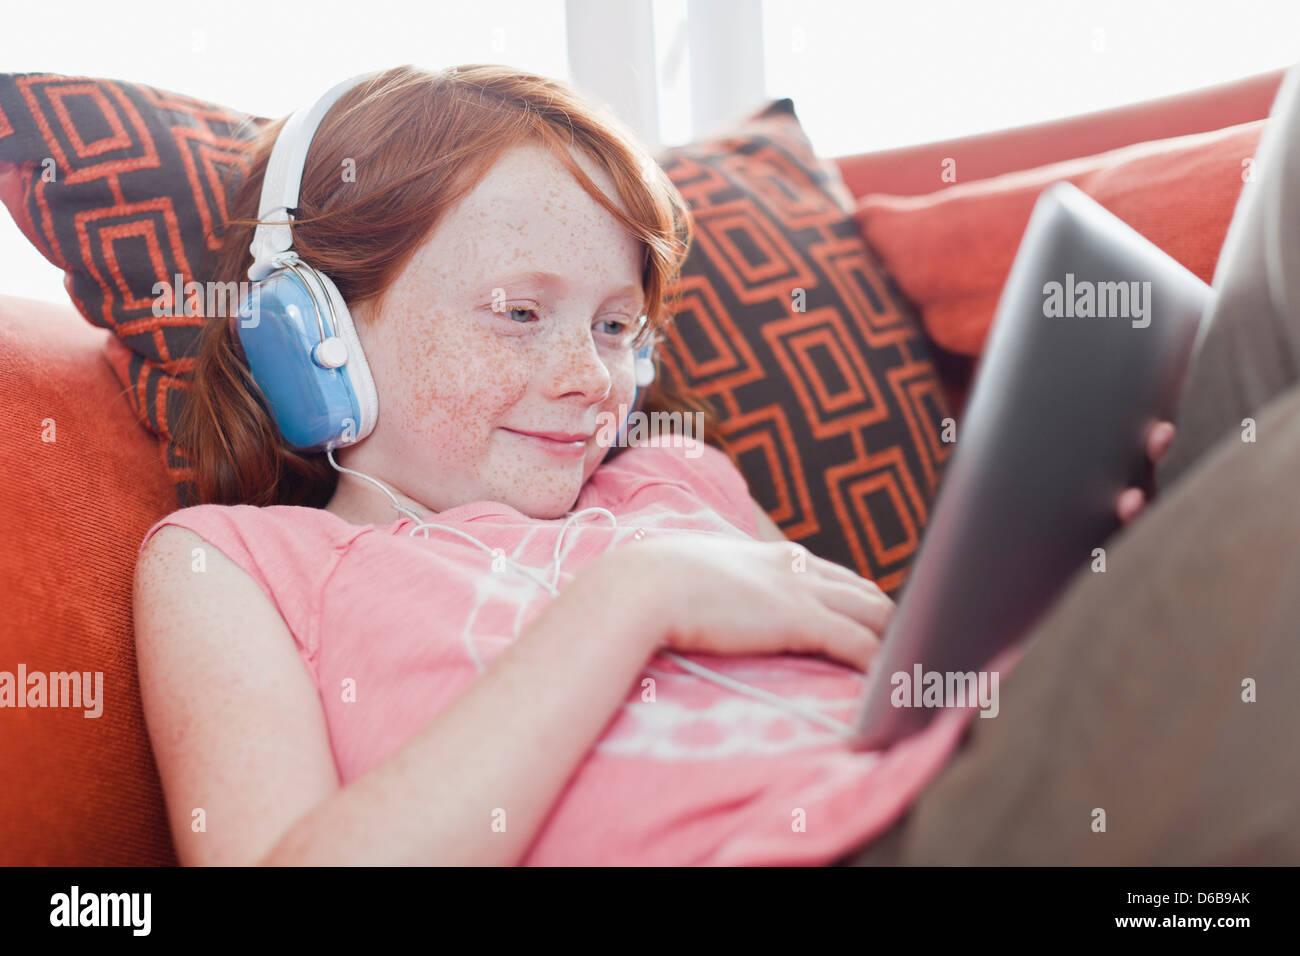 La ragazza di cuffie utilizzando computer tablet Immagini Stock